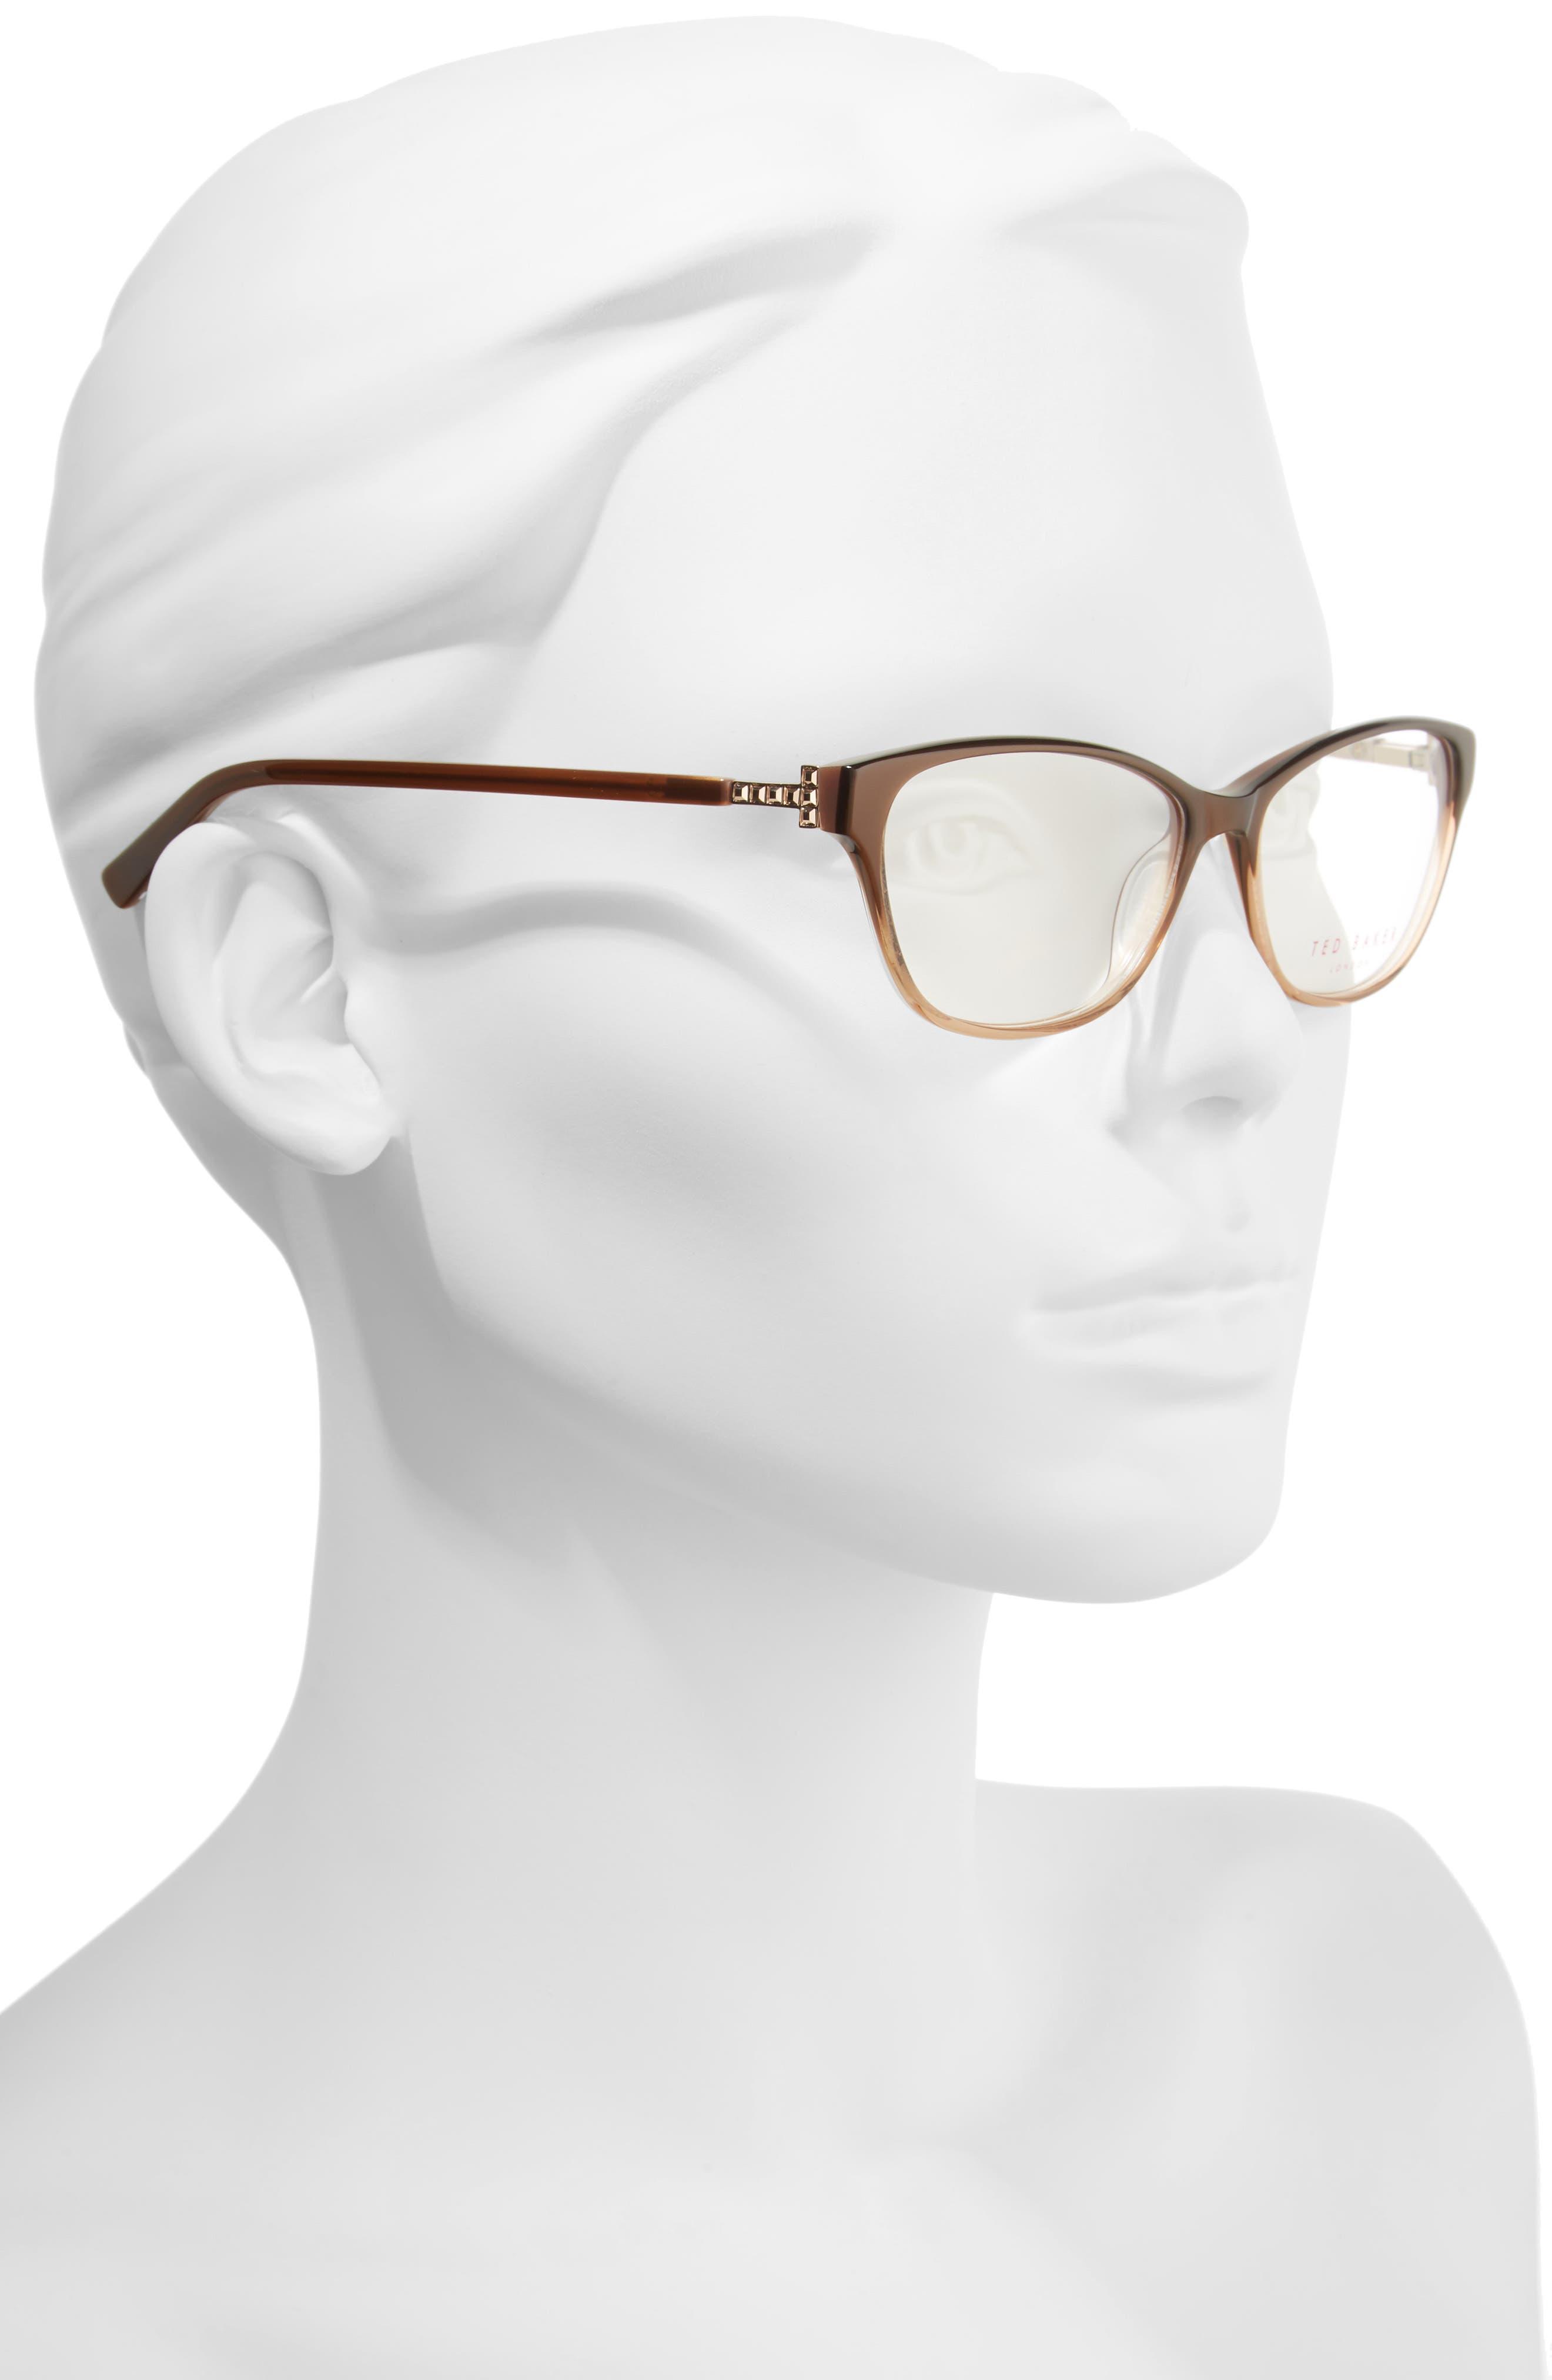 53mm Optical Cat Eye Glasses,                             Alternate thumbnail 2, color,                             200